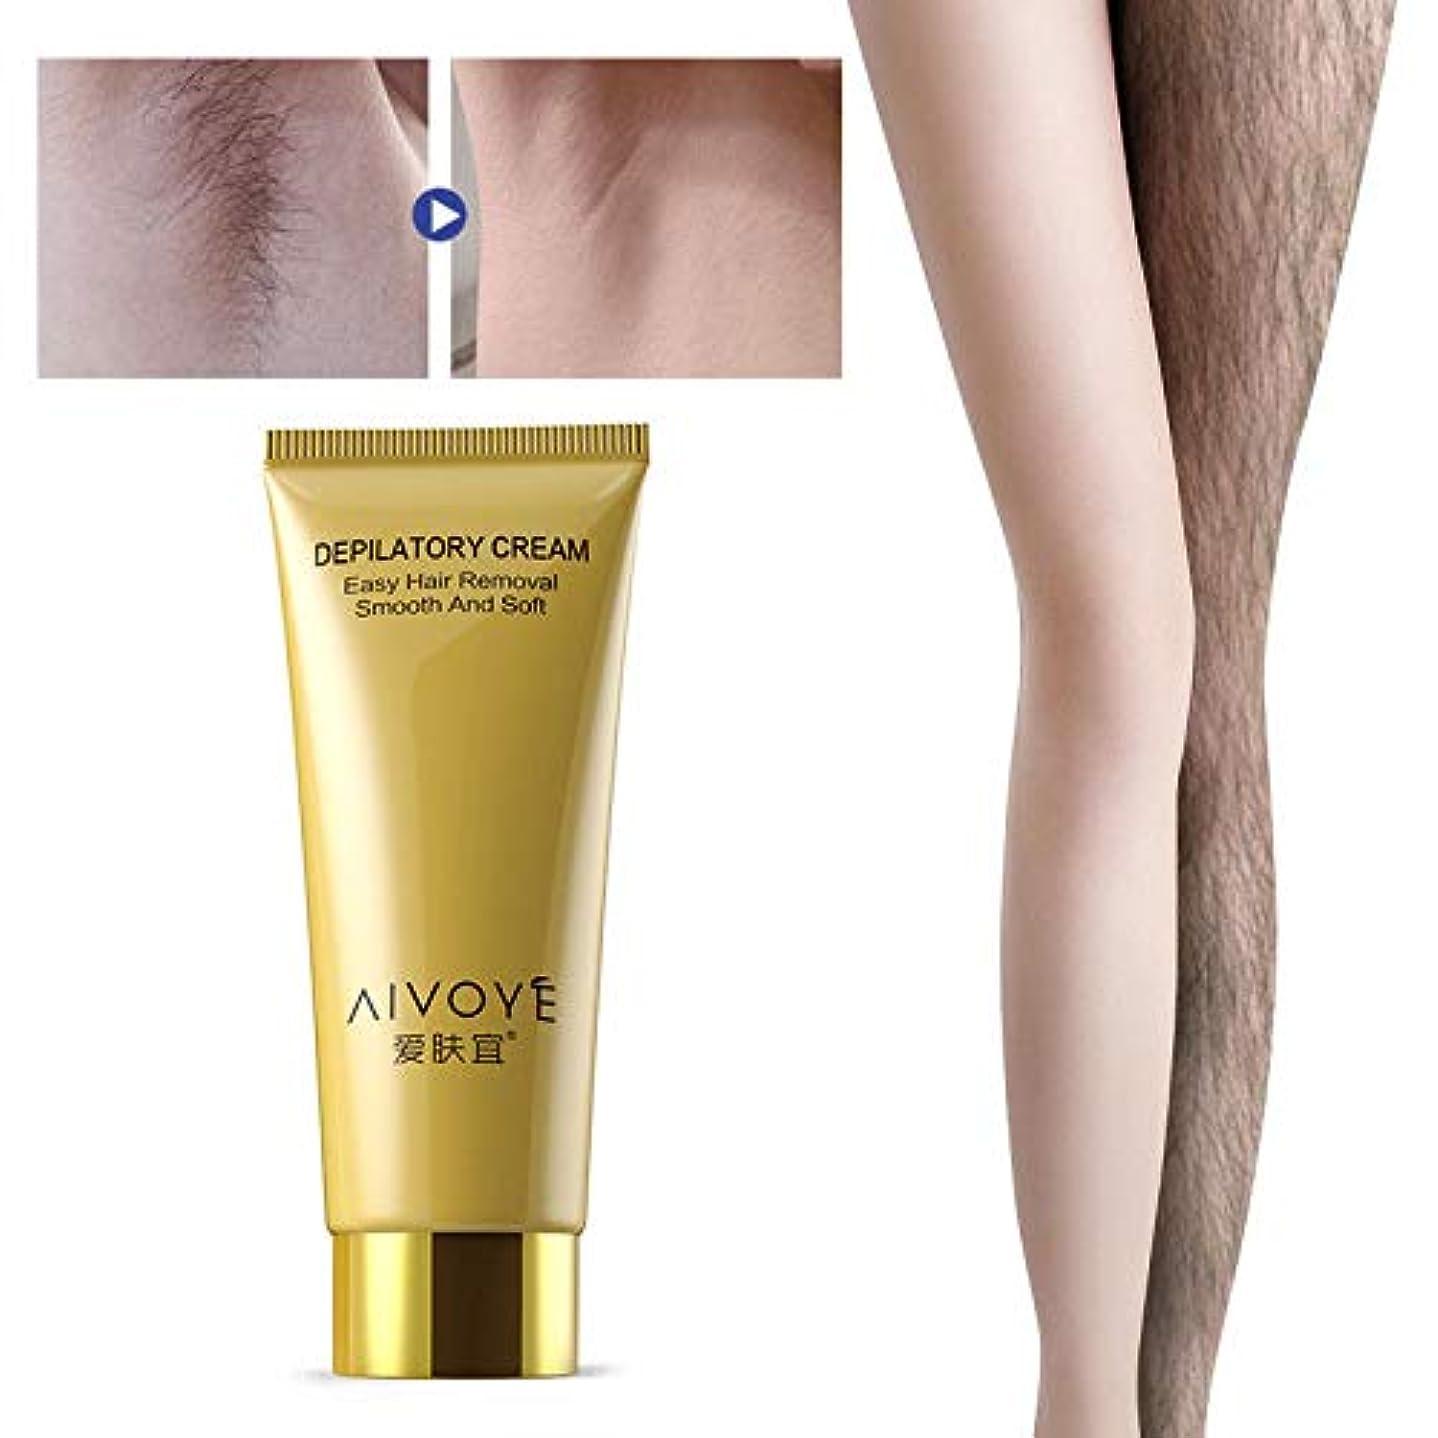 グラス理解代数的Rabugoo 60g男性女性安全な痛みを抑える脱毛クリーム脚の体のための滑らかな肌の脱毛クリーム